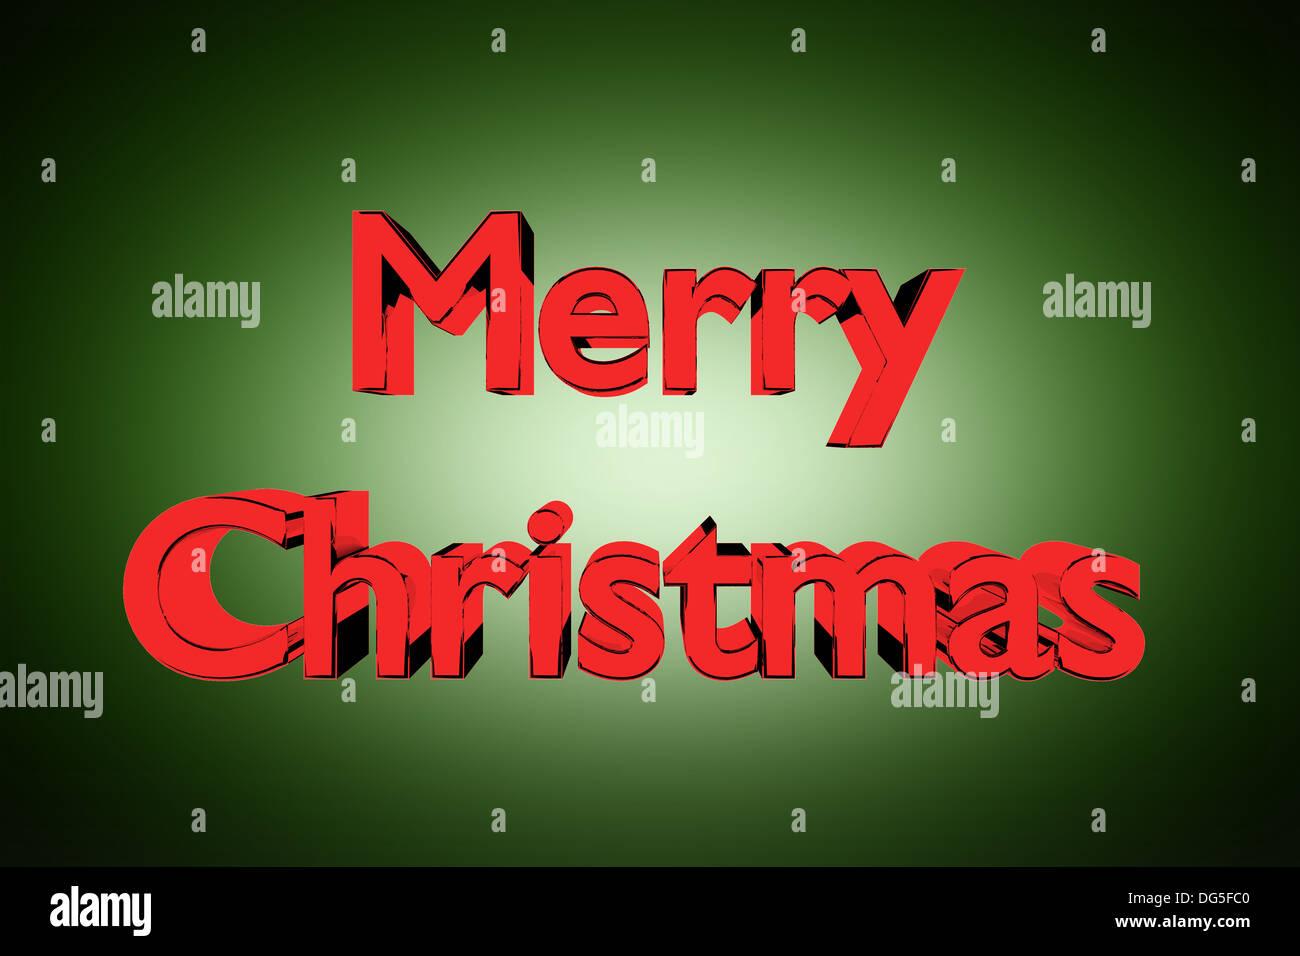 Ilustración 3D de Feliz Navidad letras de oro sobre fondo verde Imagen De Stock